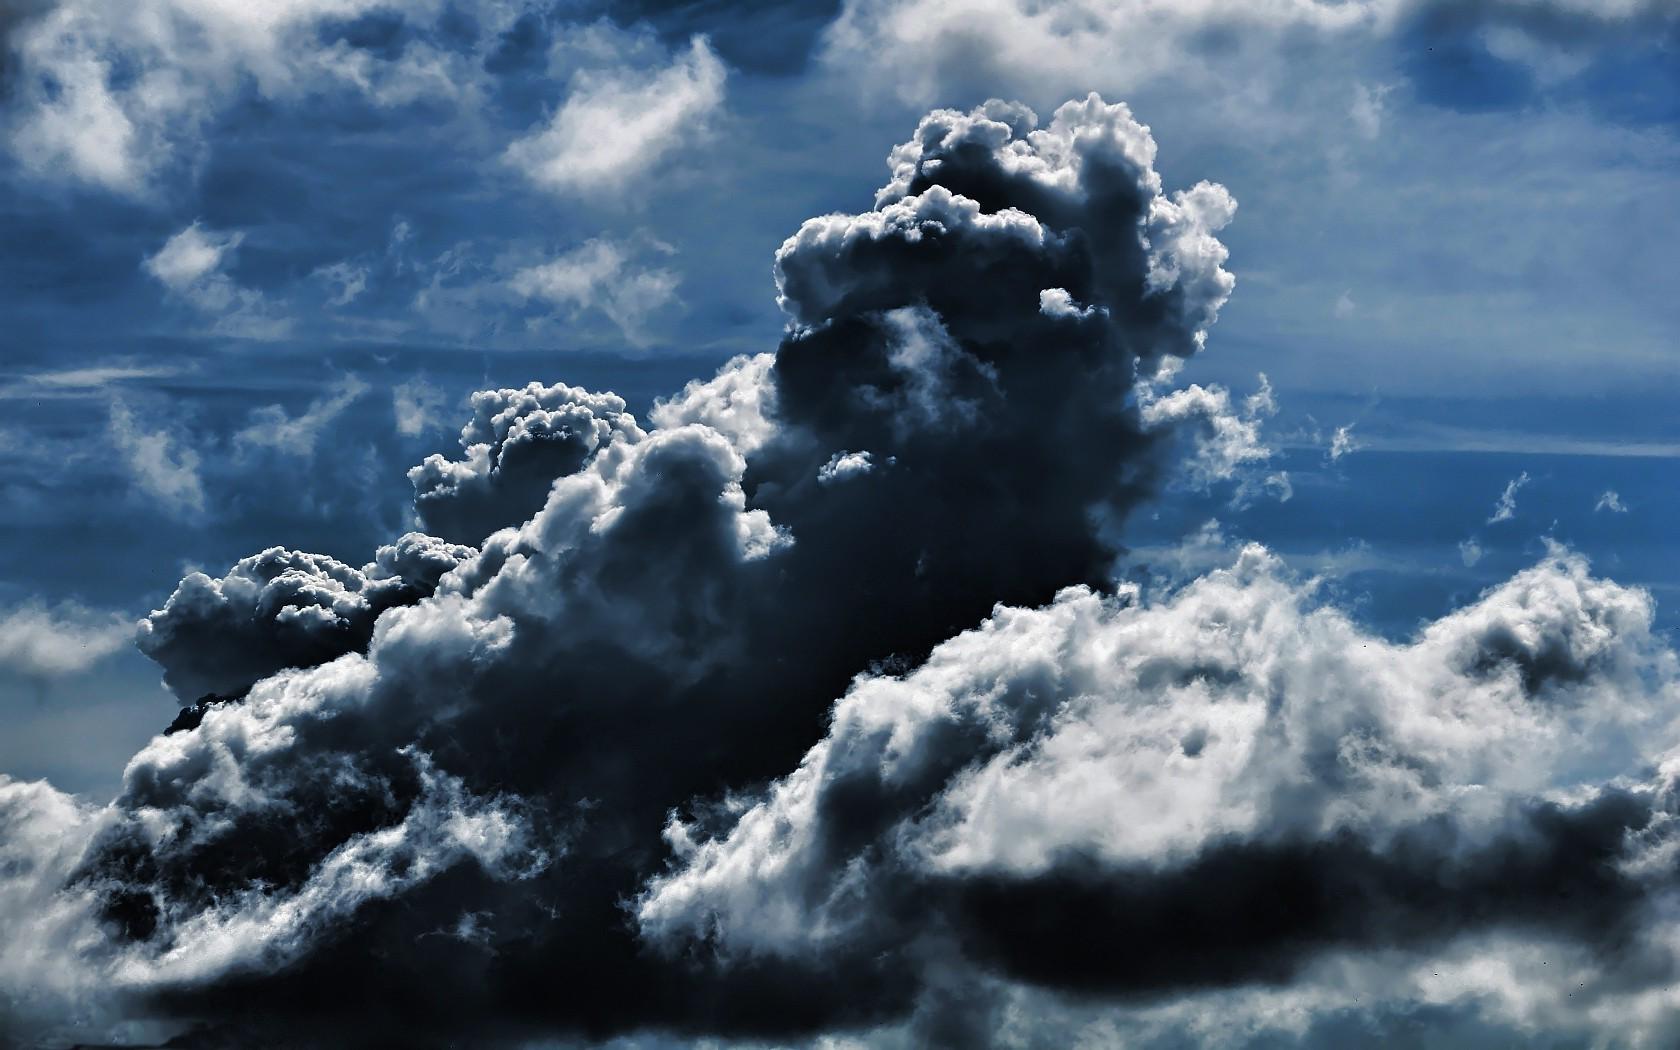 центре картинка злые небеса новые лоты запросу